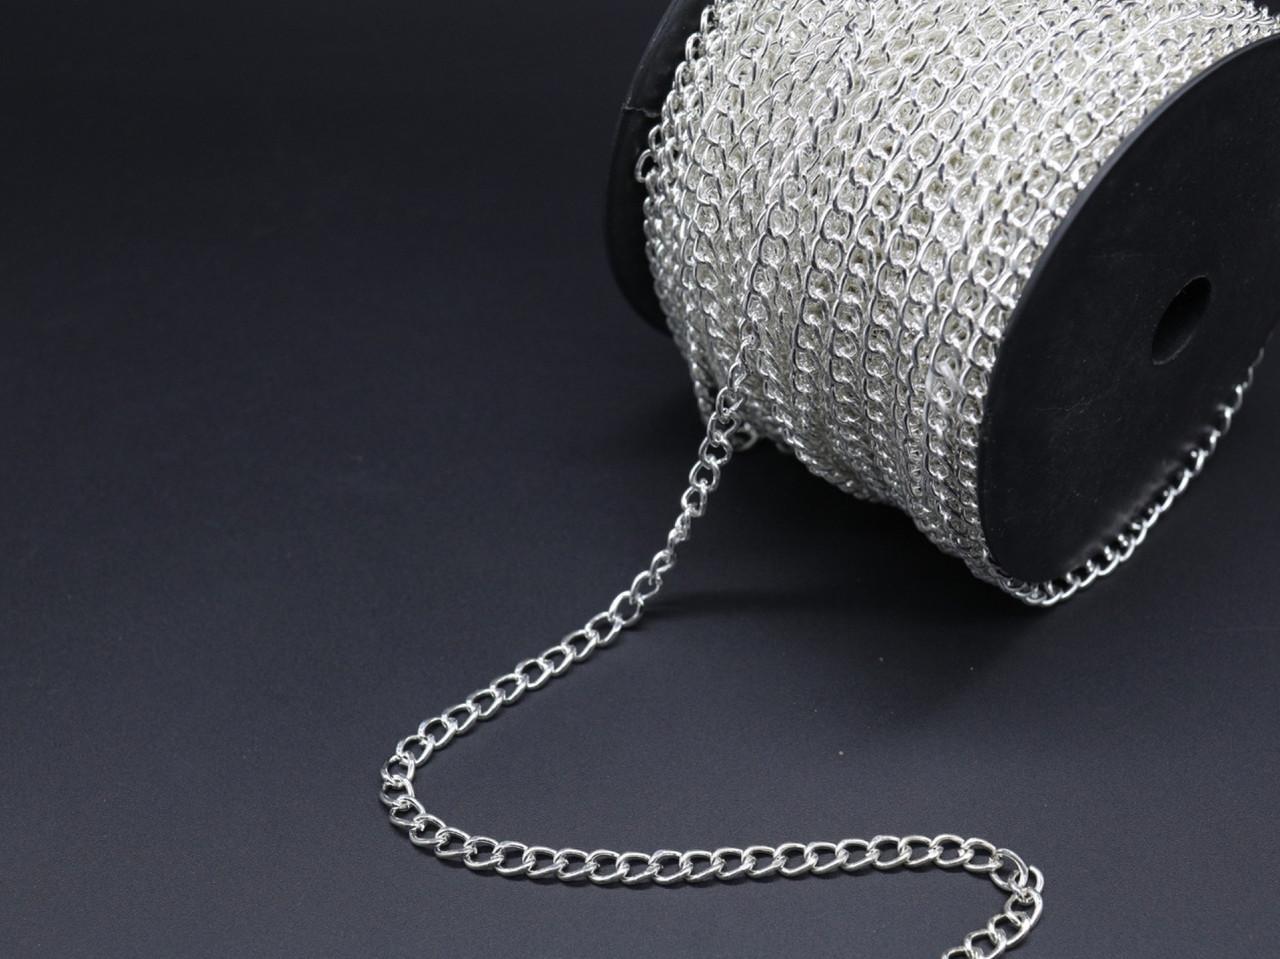 Цепочка для брелоков. Серебро. 5,4мм